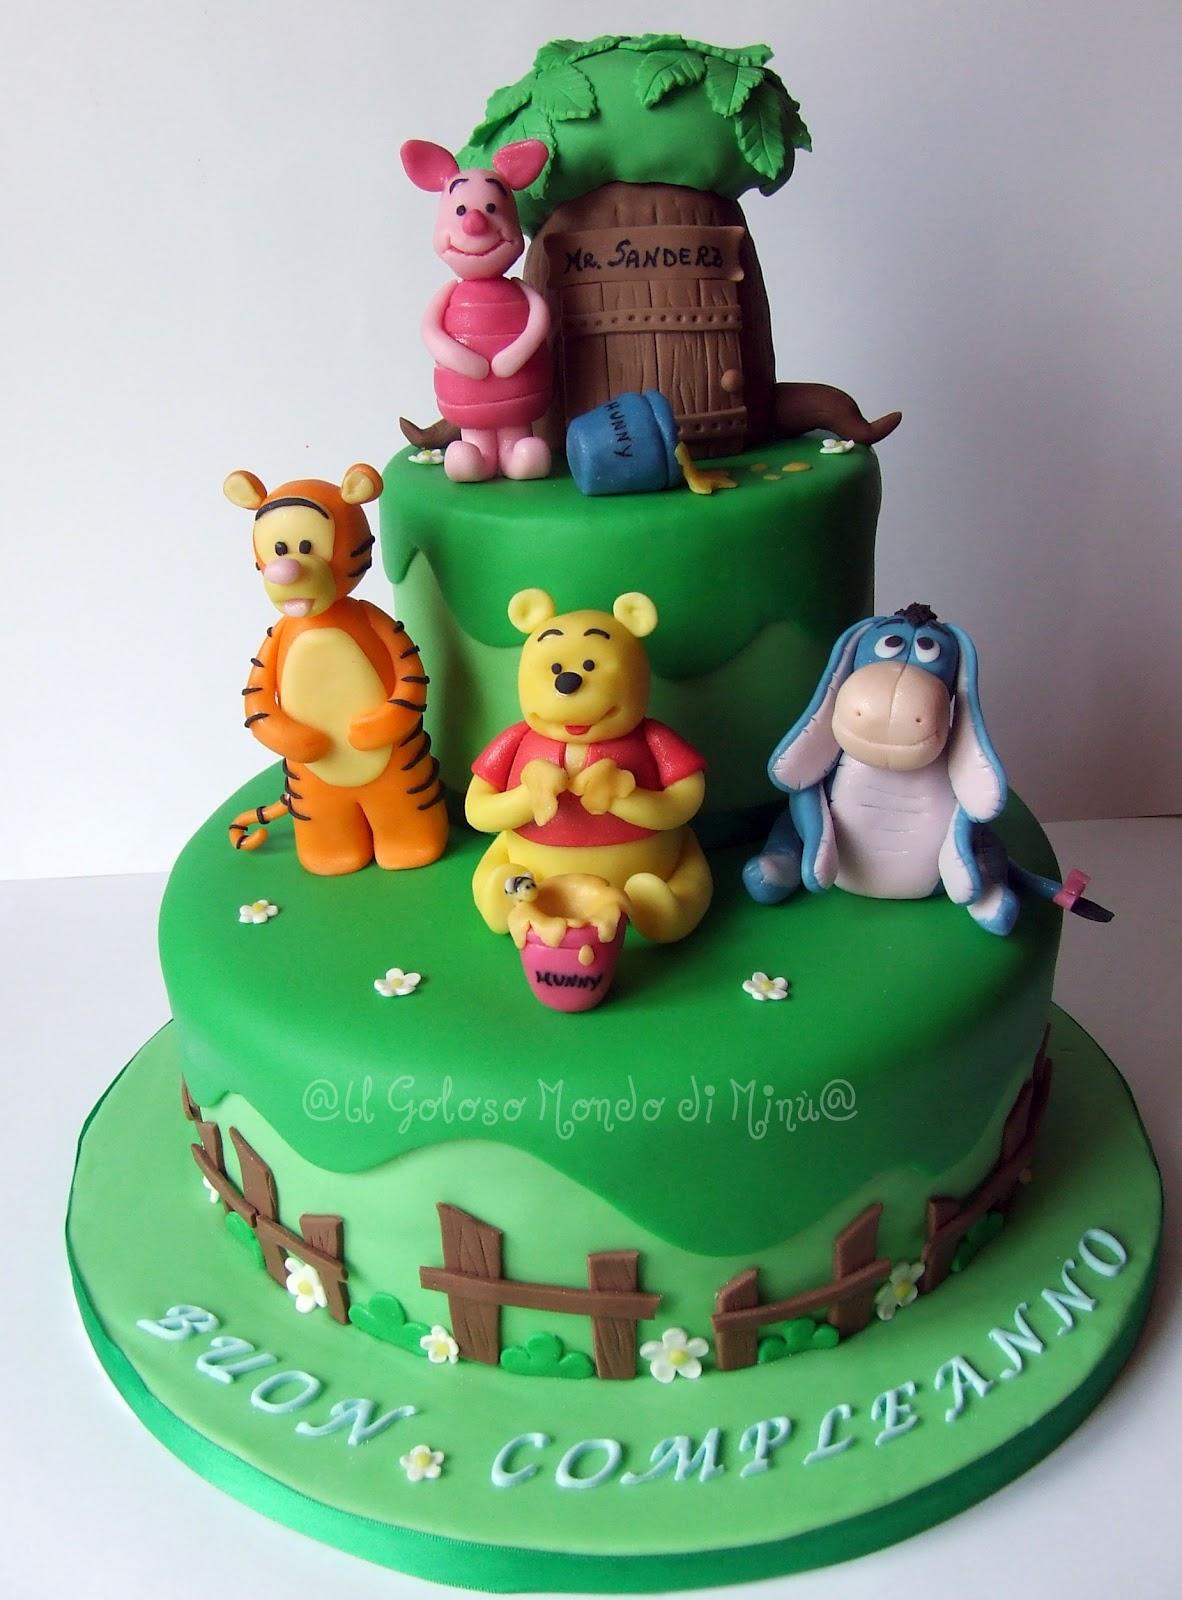 Il goloso mondo di minu 39 winnie pooh e i suoi amici una for Winnie pooh kuchen deko